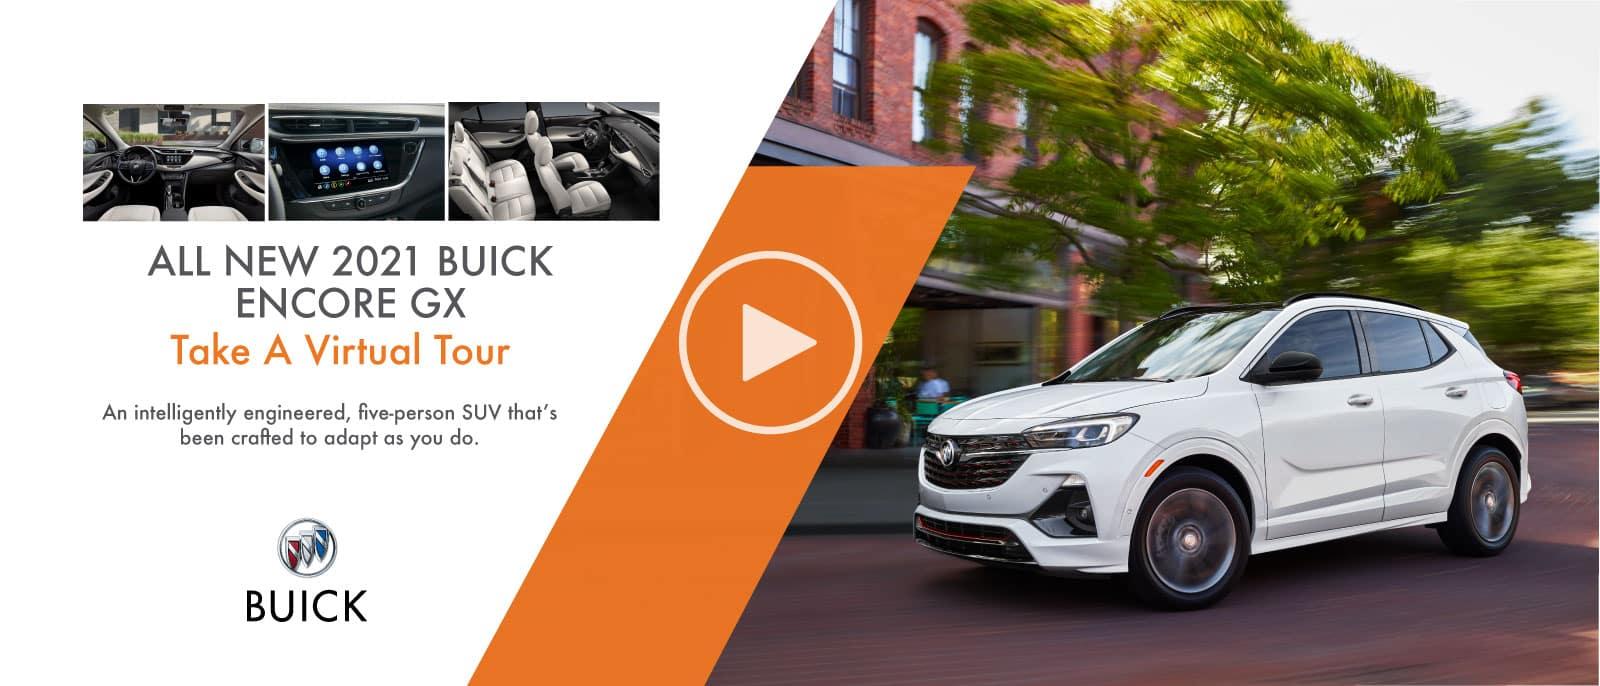 2021 Buick Encore GX Virtual Tour